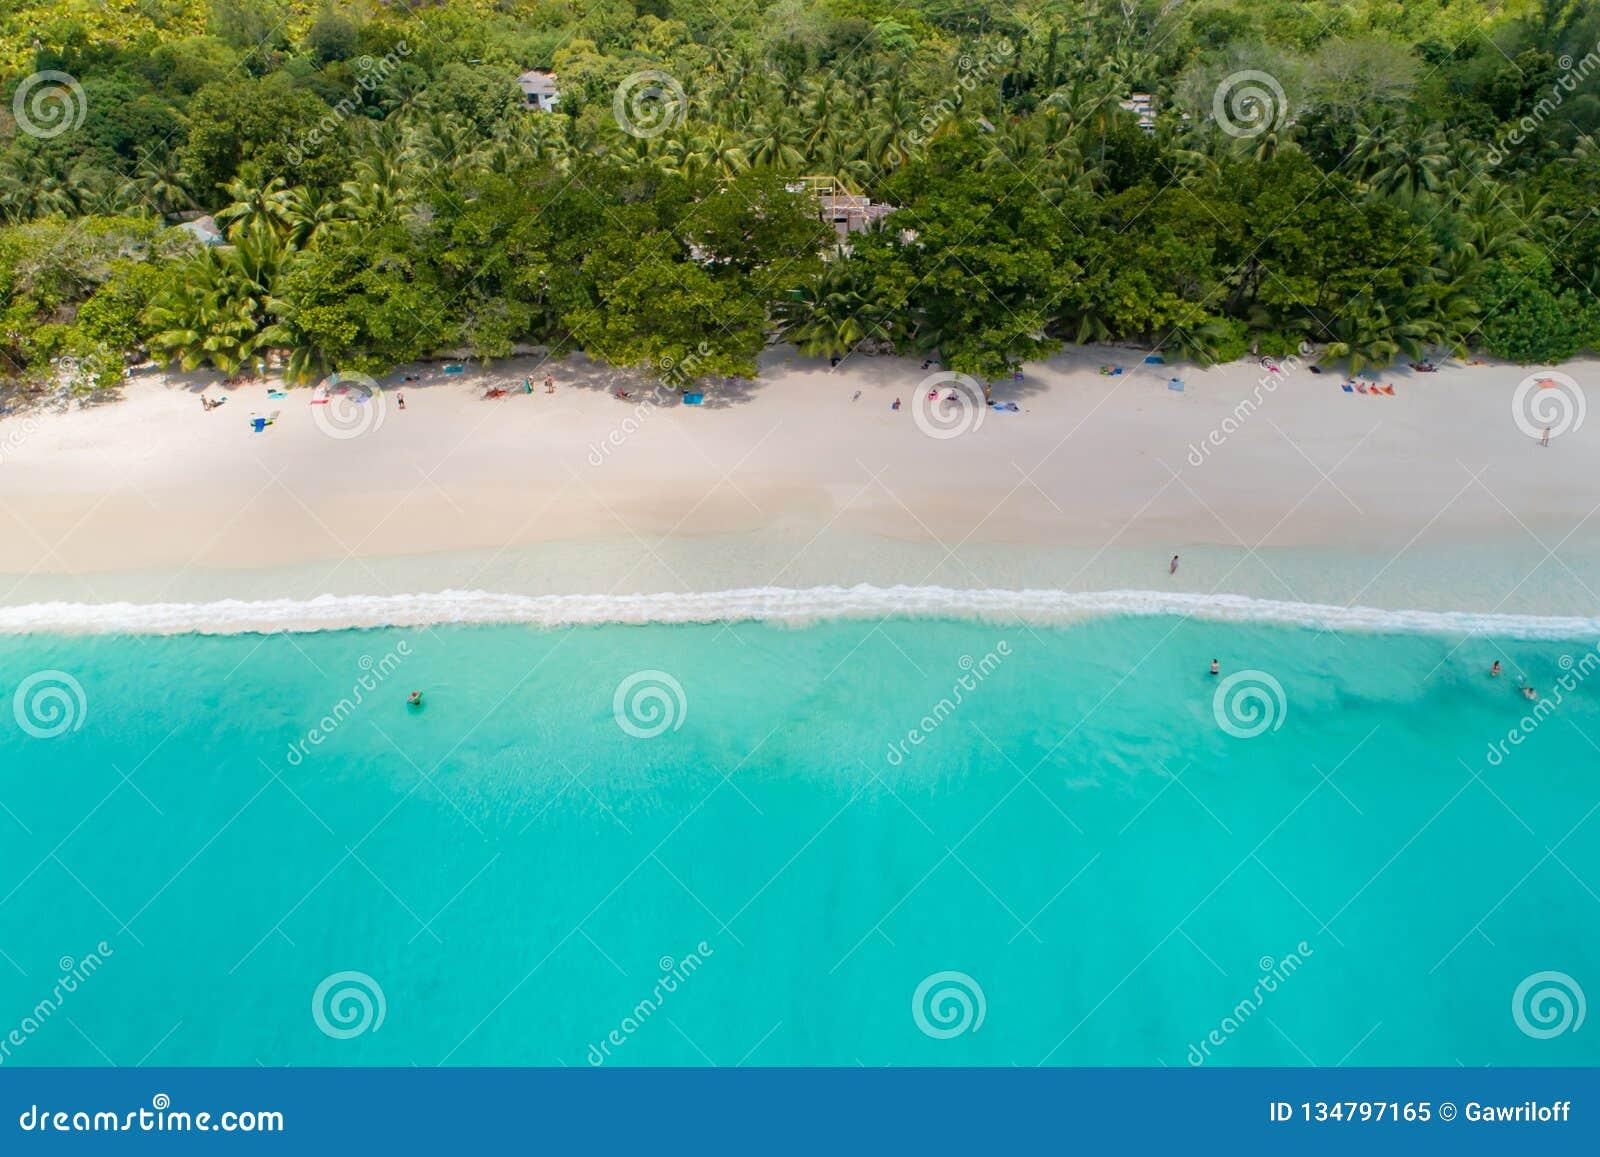 Vogelperspektive des sandigen Strandes mit den Touristen, die im schönen klaren Meerwasser schwimmen